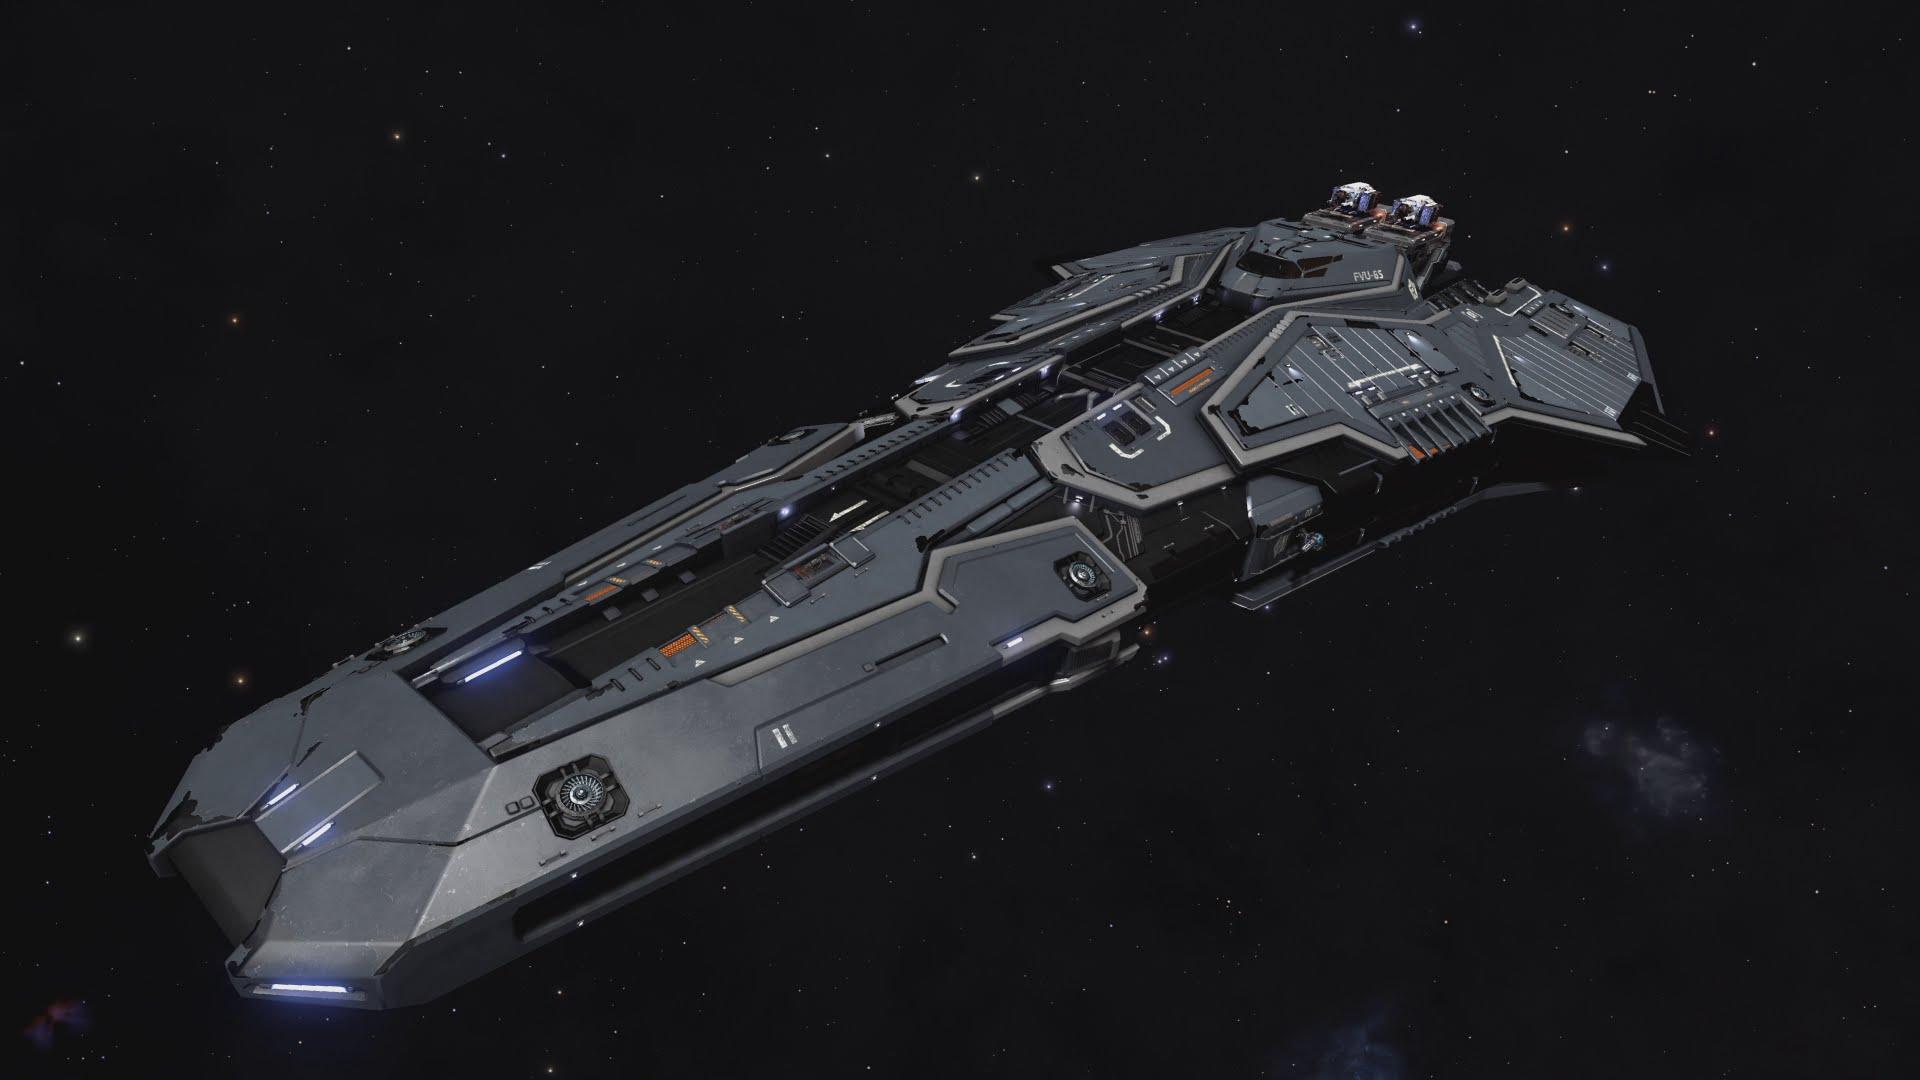 elite dangerous cockpit hd wallpaper - photo #31